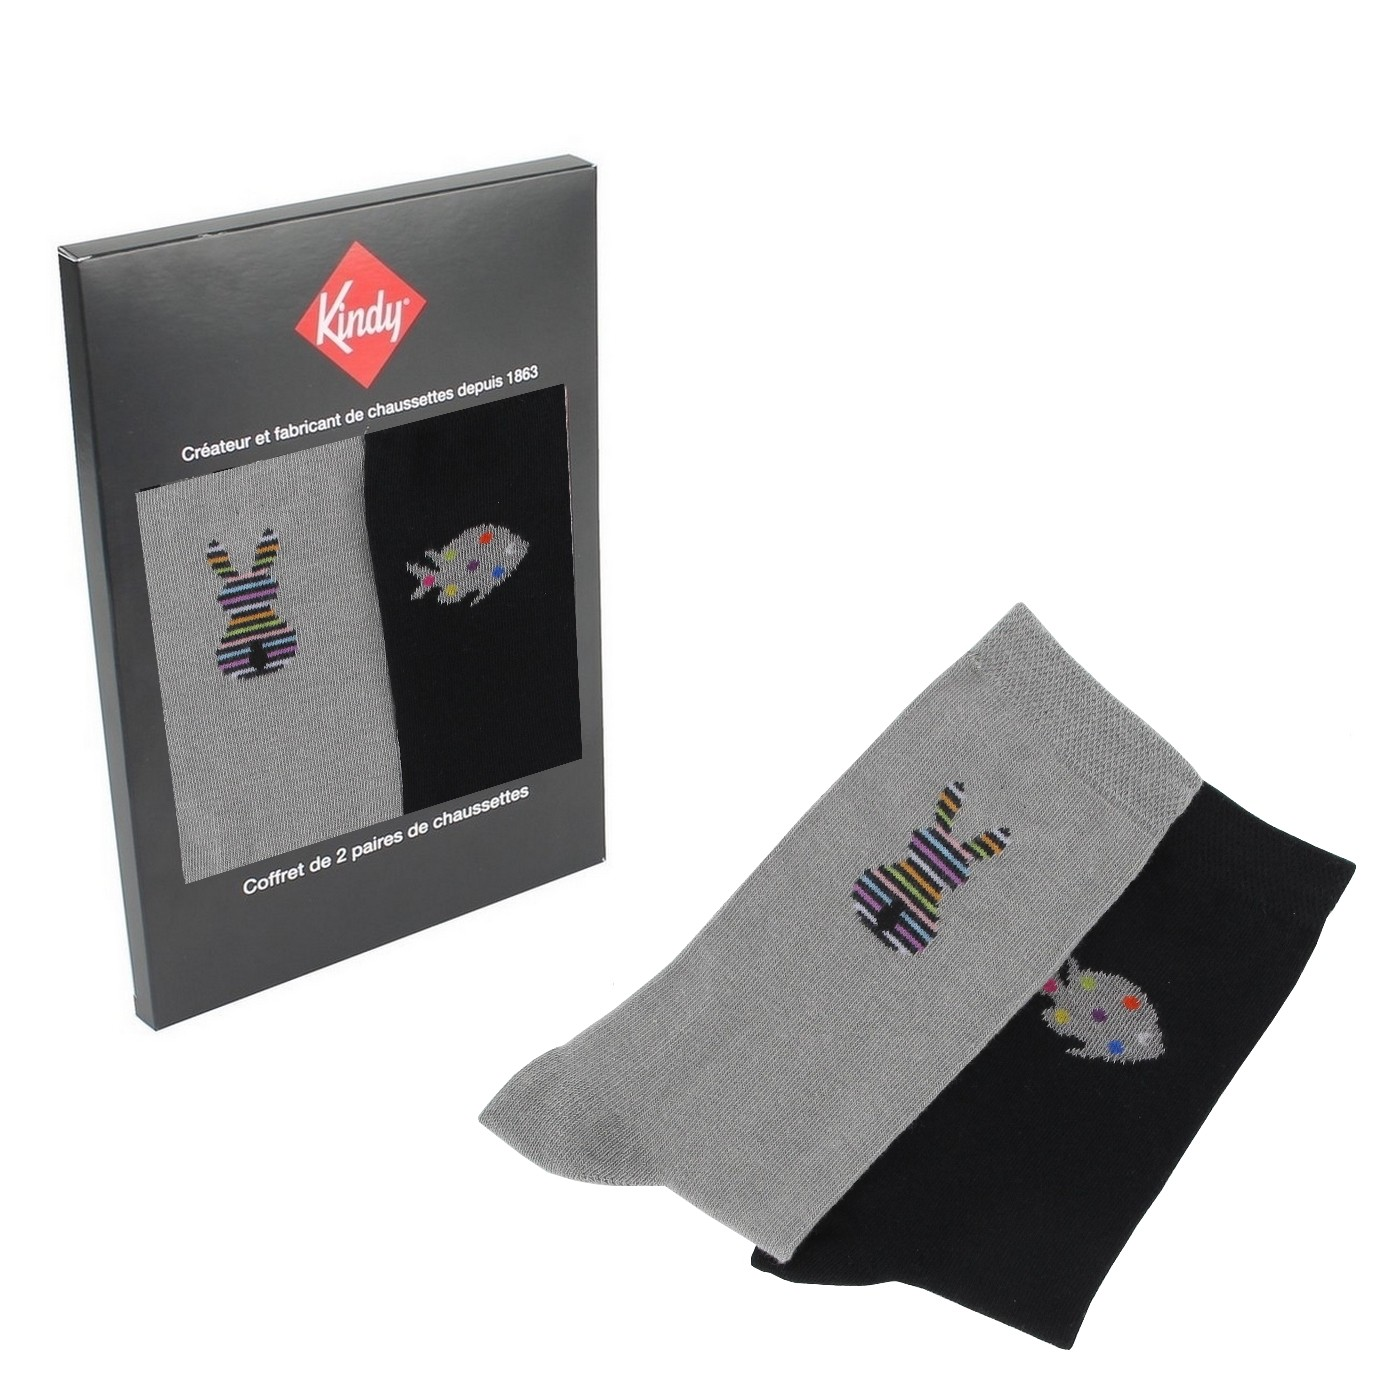 K32035003080 le blog de la chaussette for Idees cadeaux 1 an